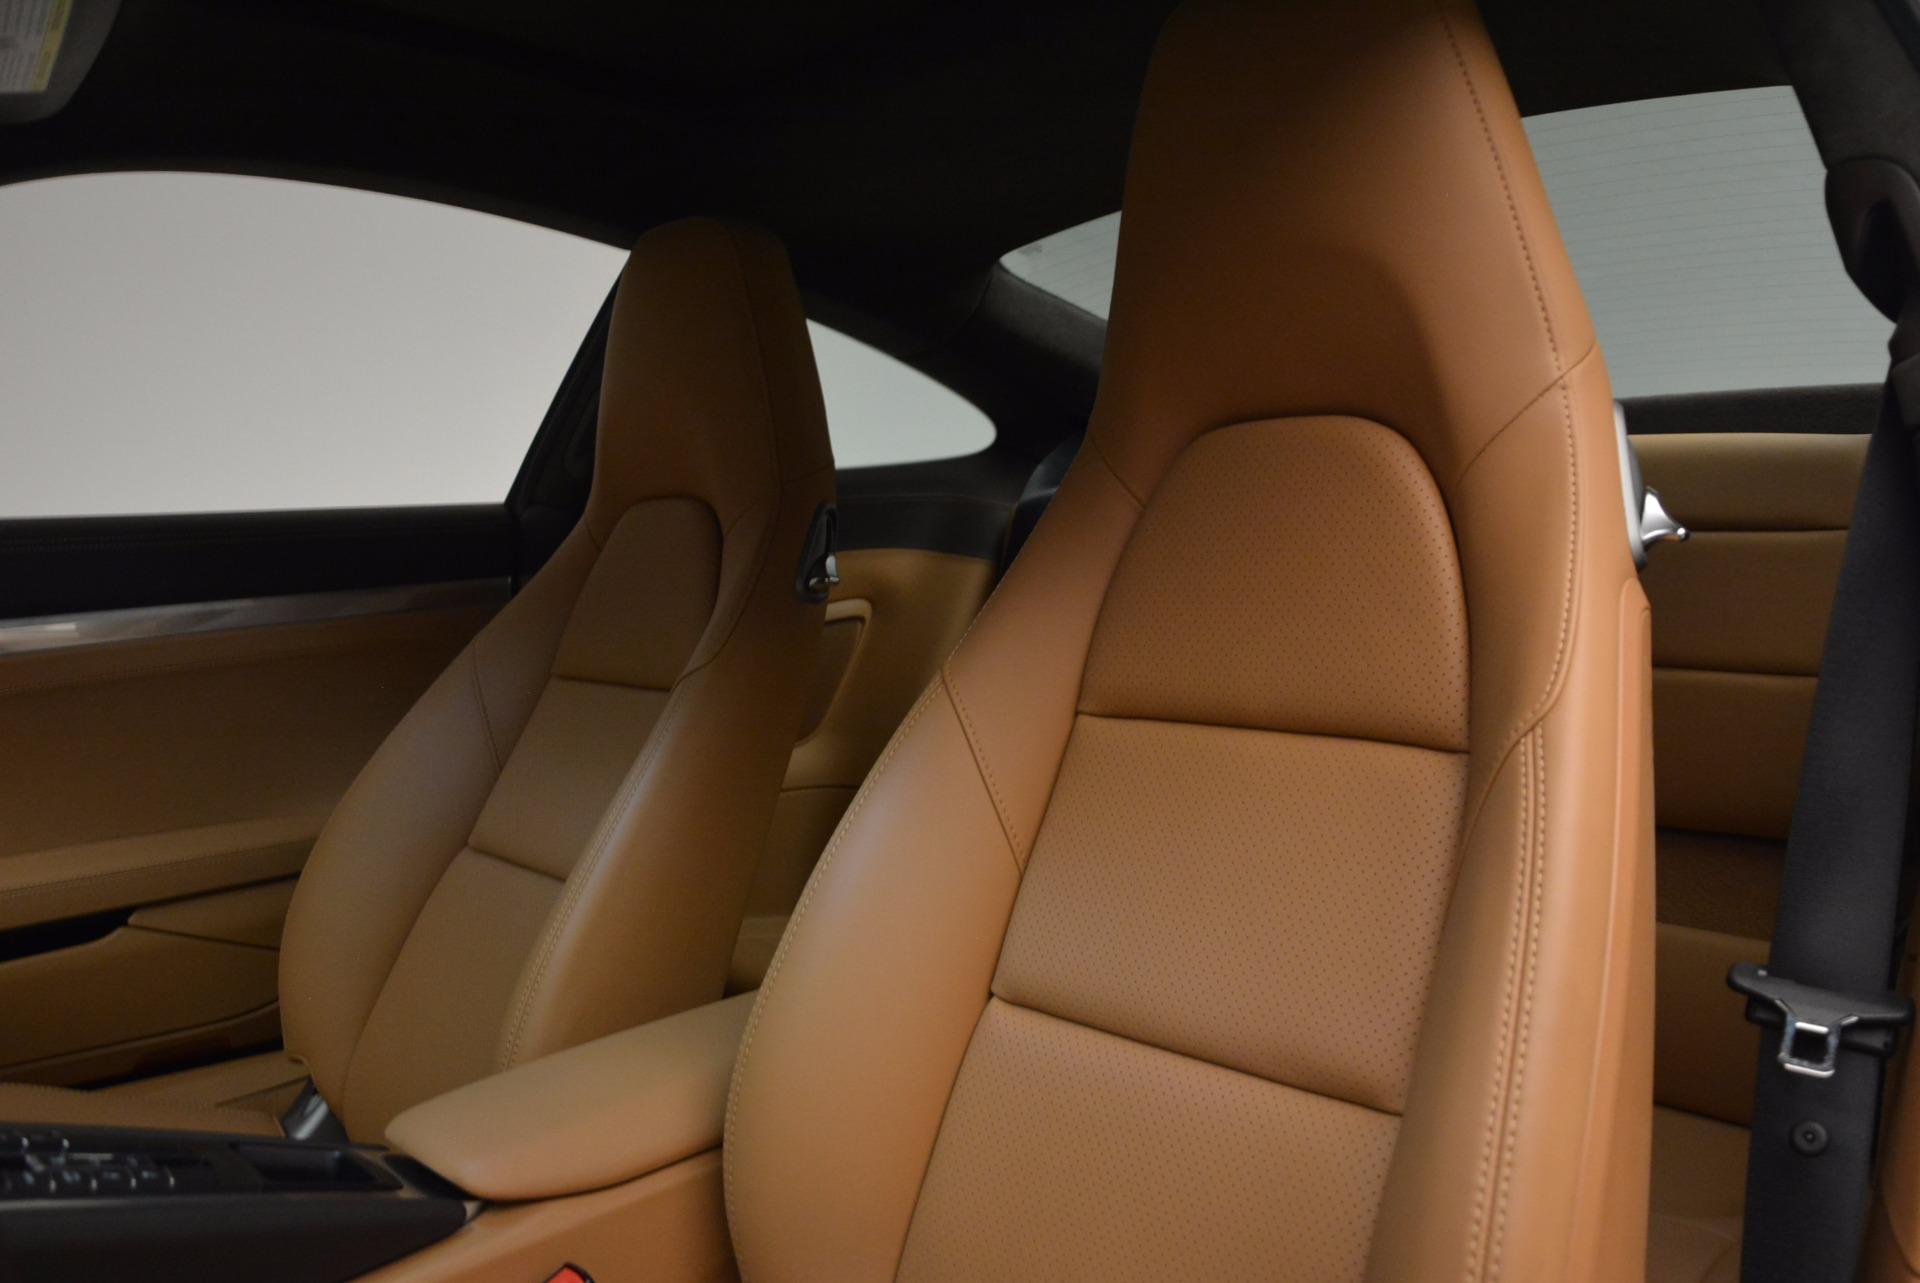 Used 2014 Porsche 911 Carrera 4S For Sale In Greenwich, CT 1076_p17